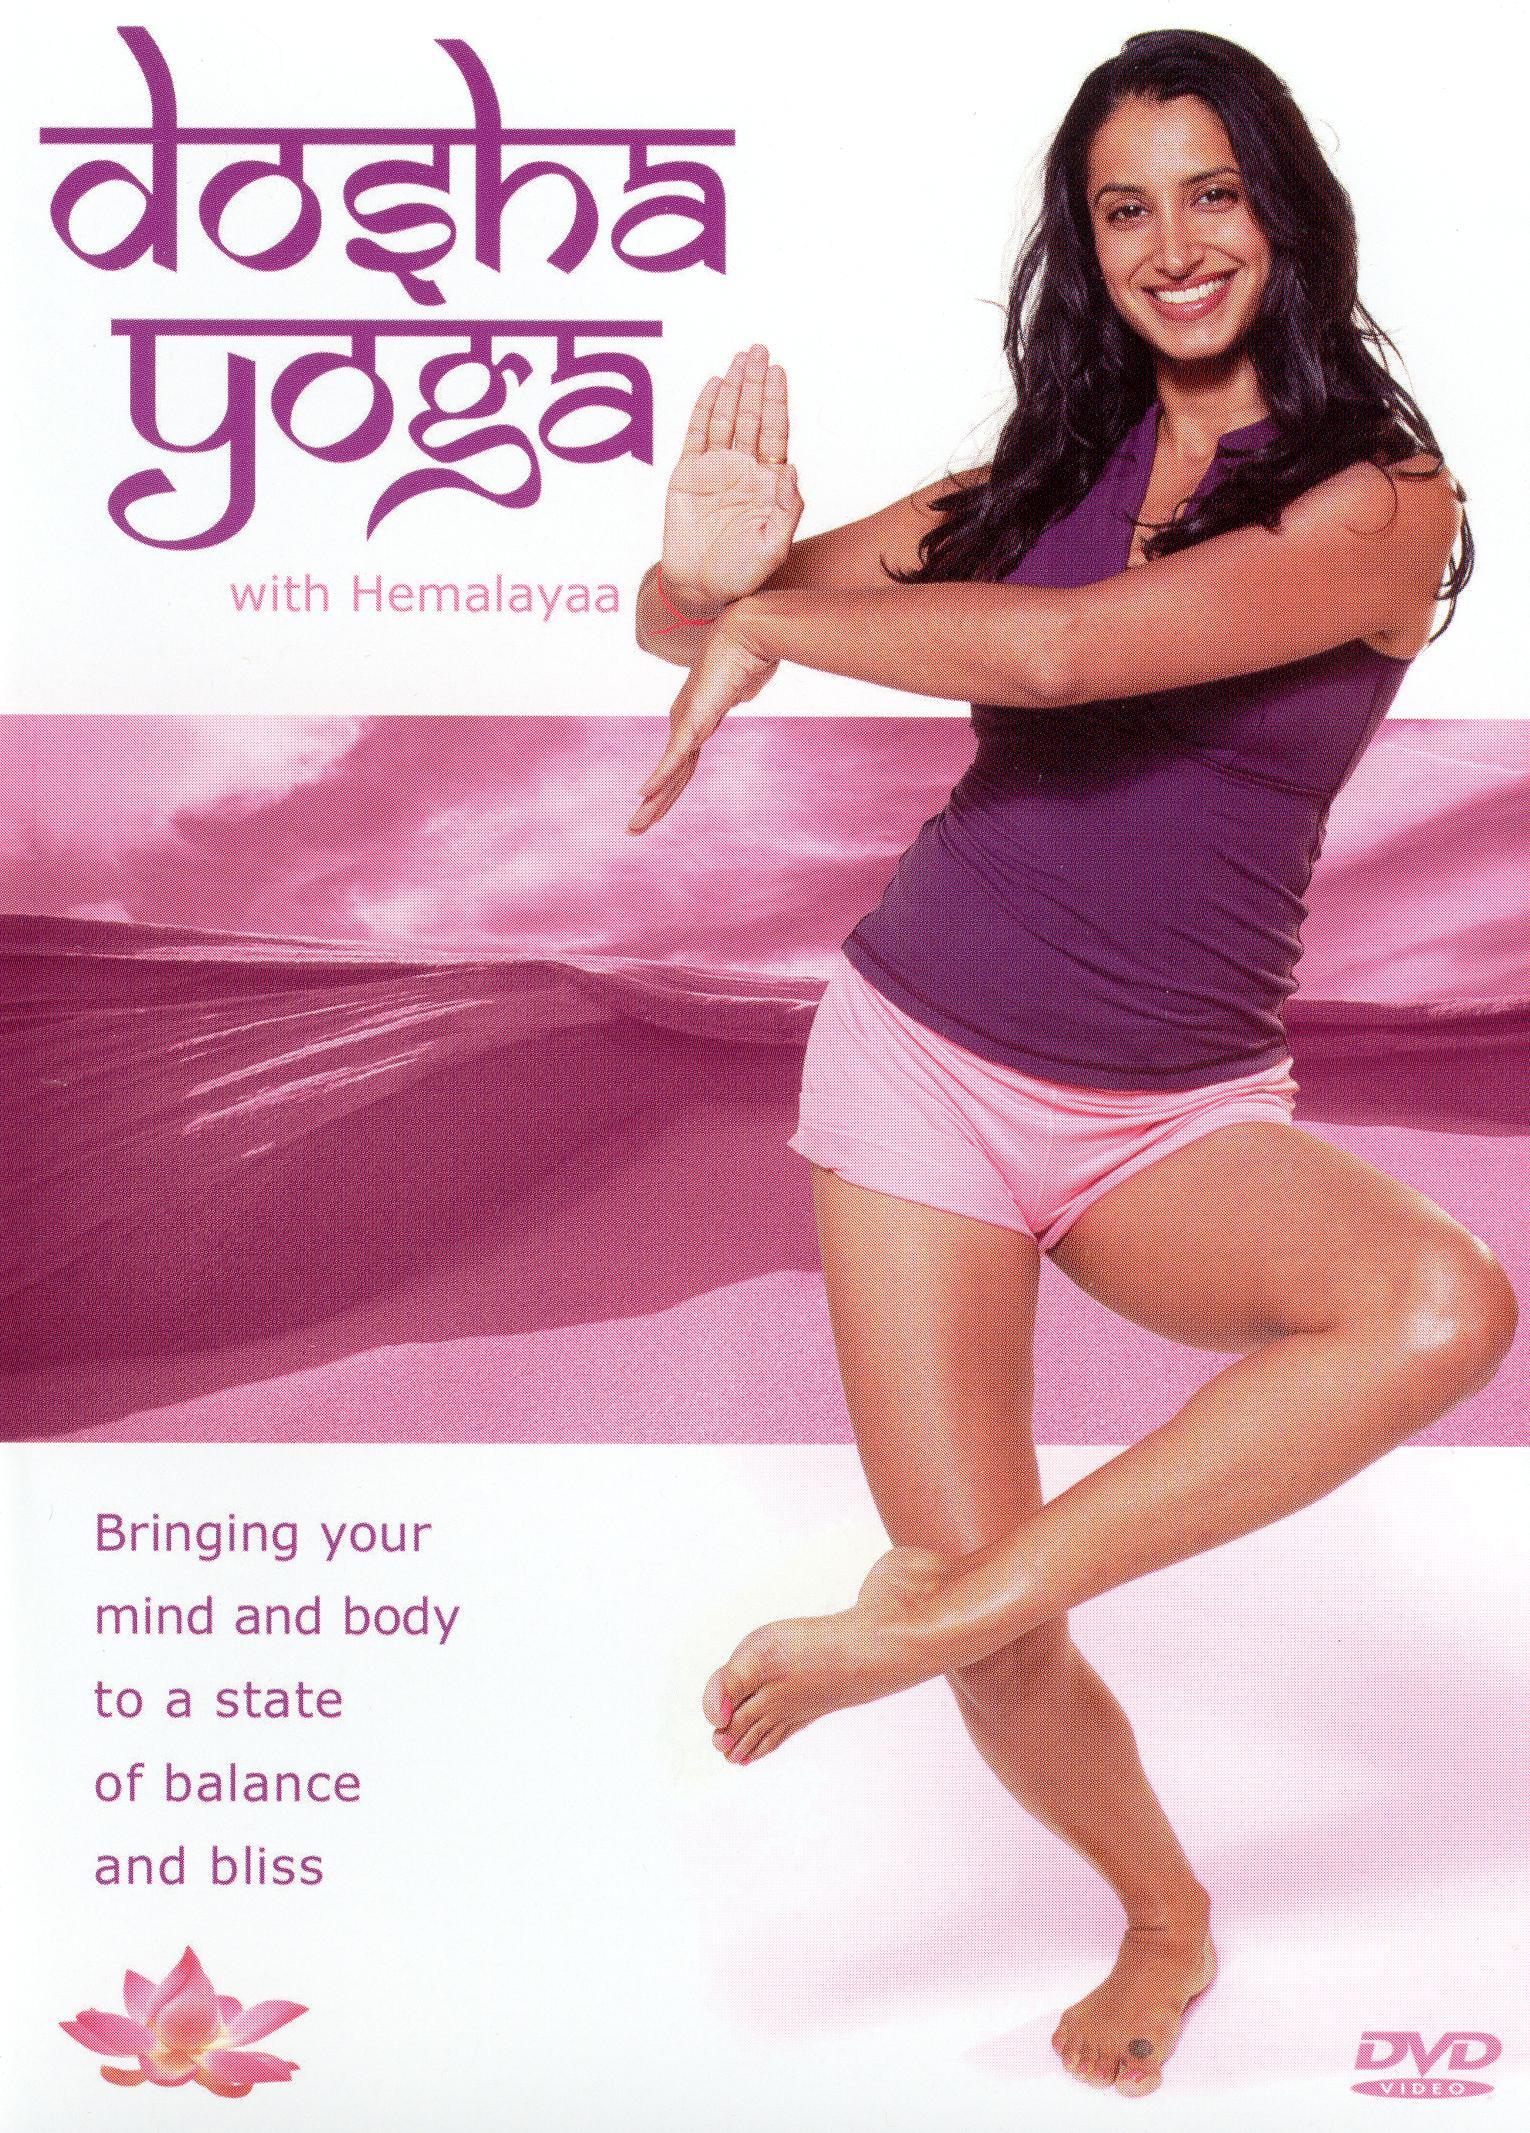 Dosha Yoga With Hemalayaa